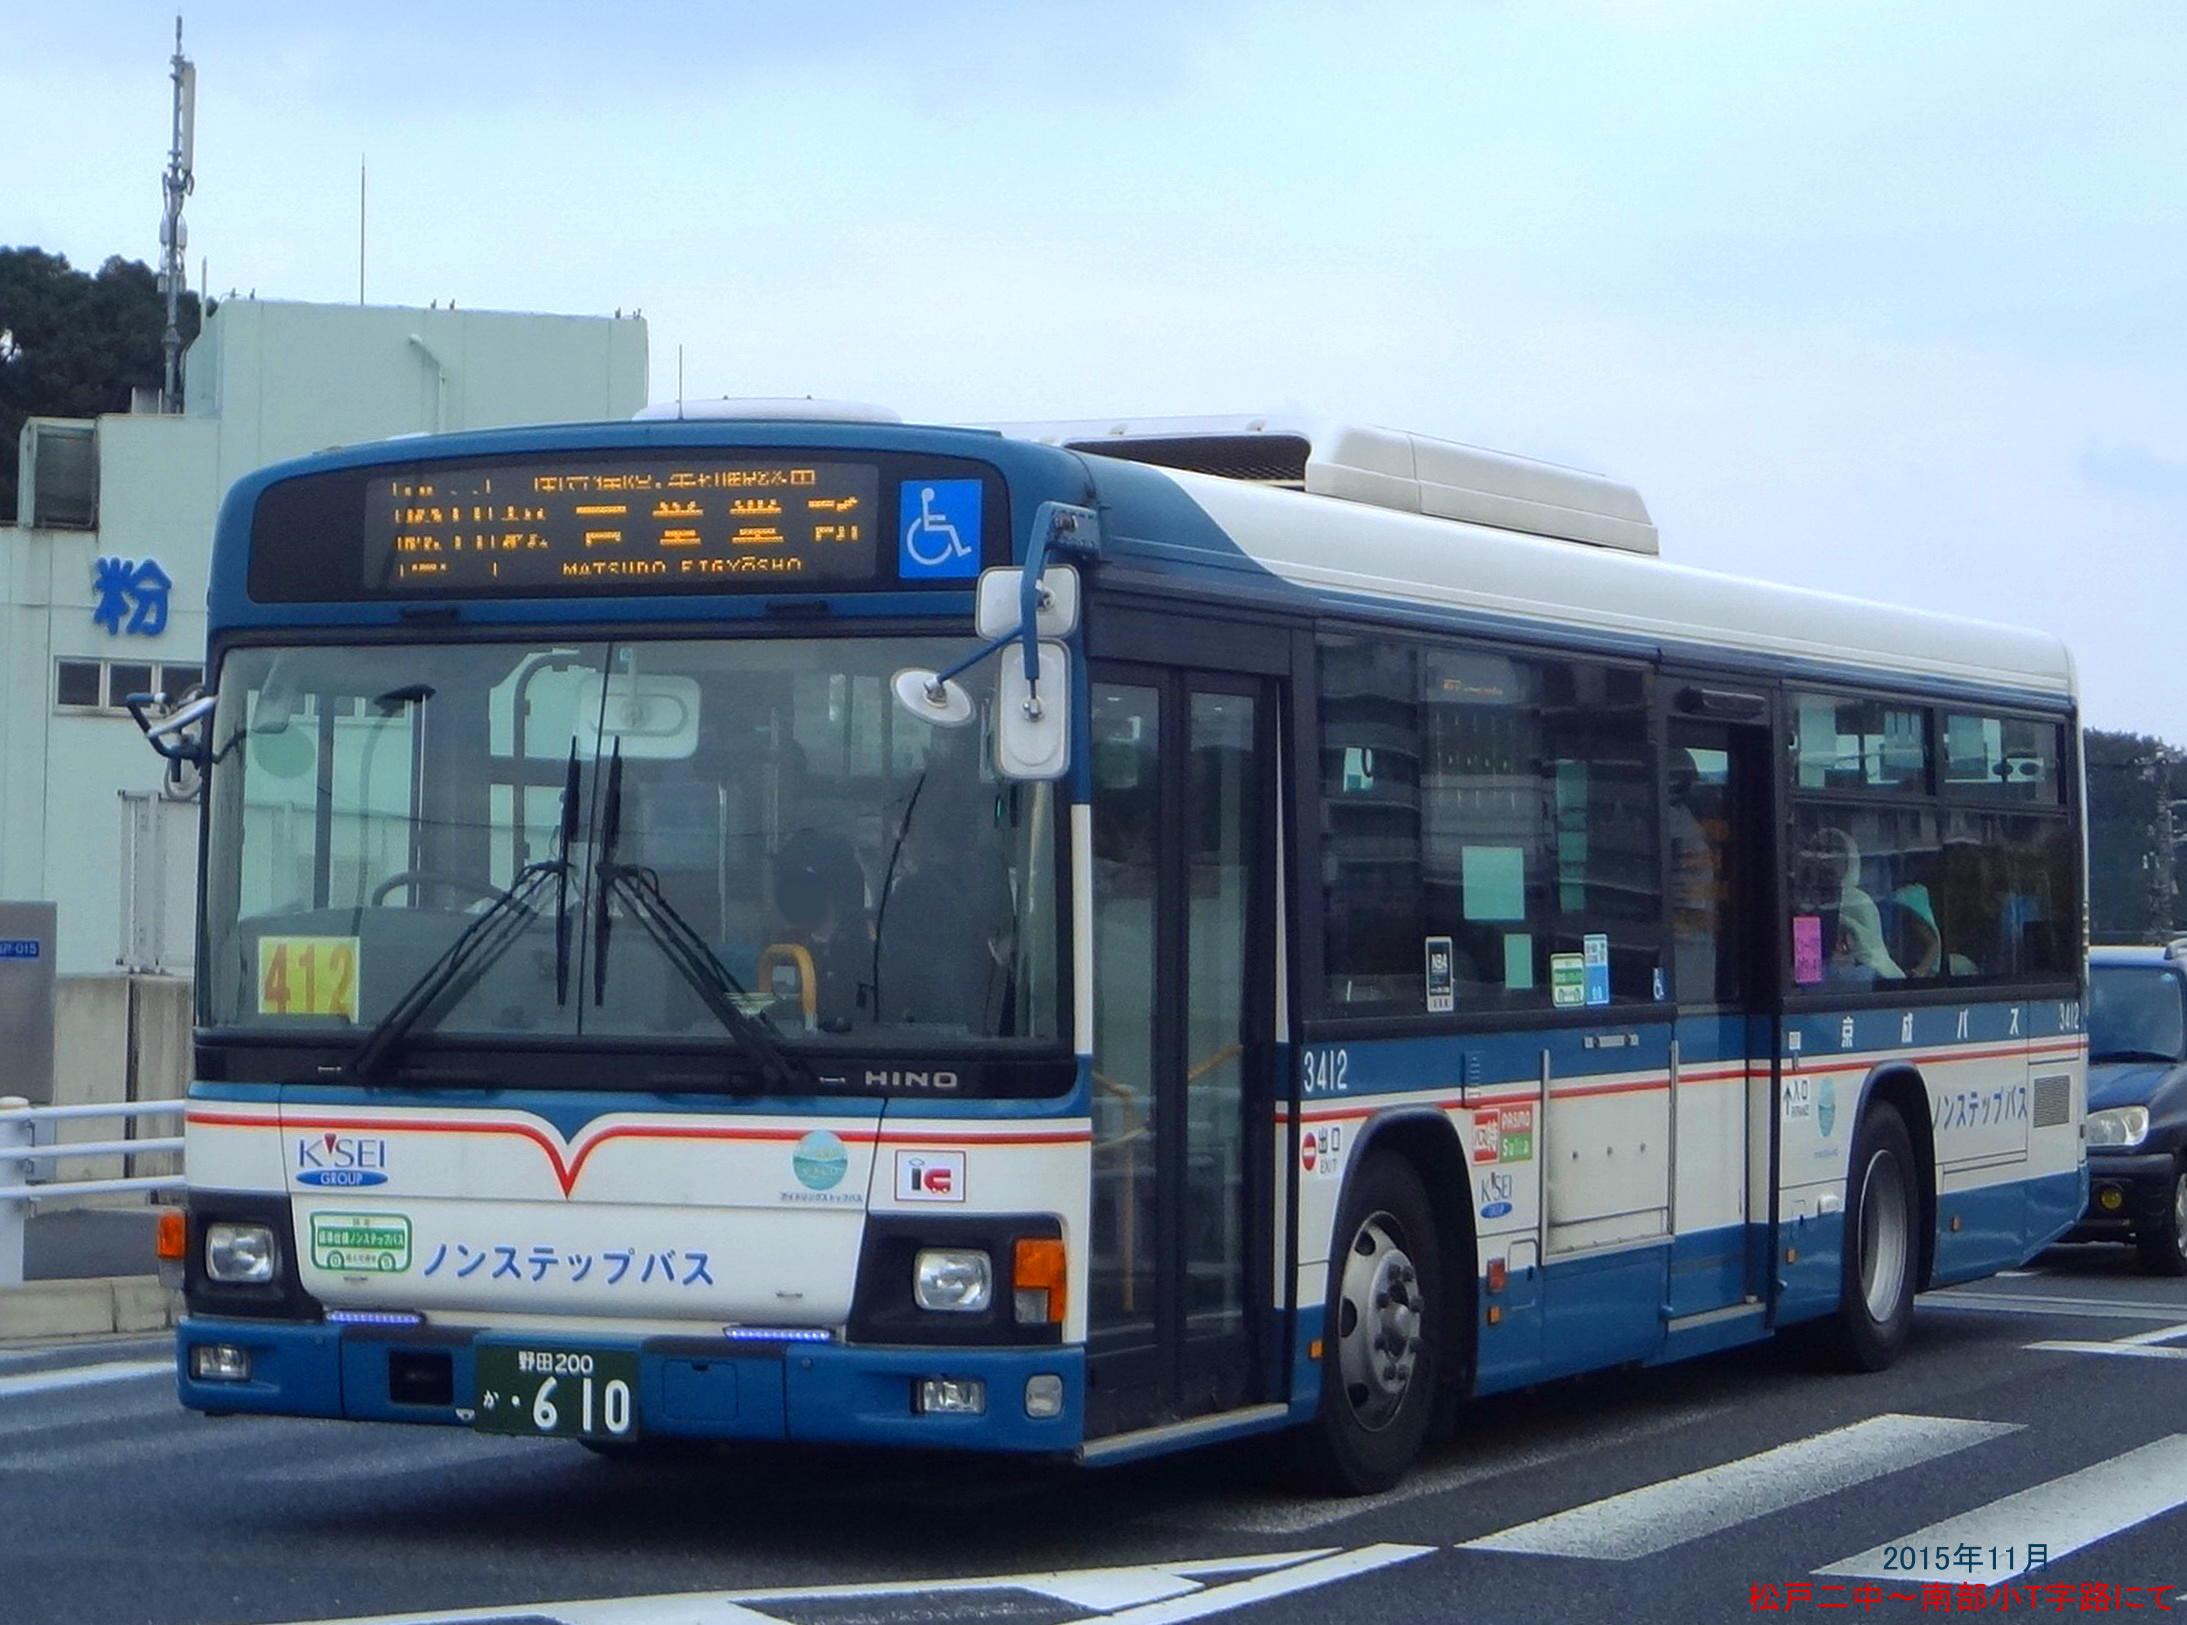 市川駅〔京成バス〕 路線バス時刻表 ジョルダン